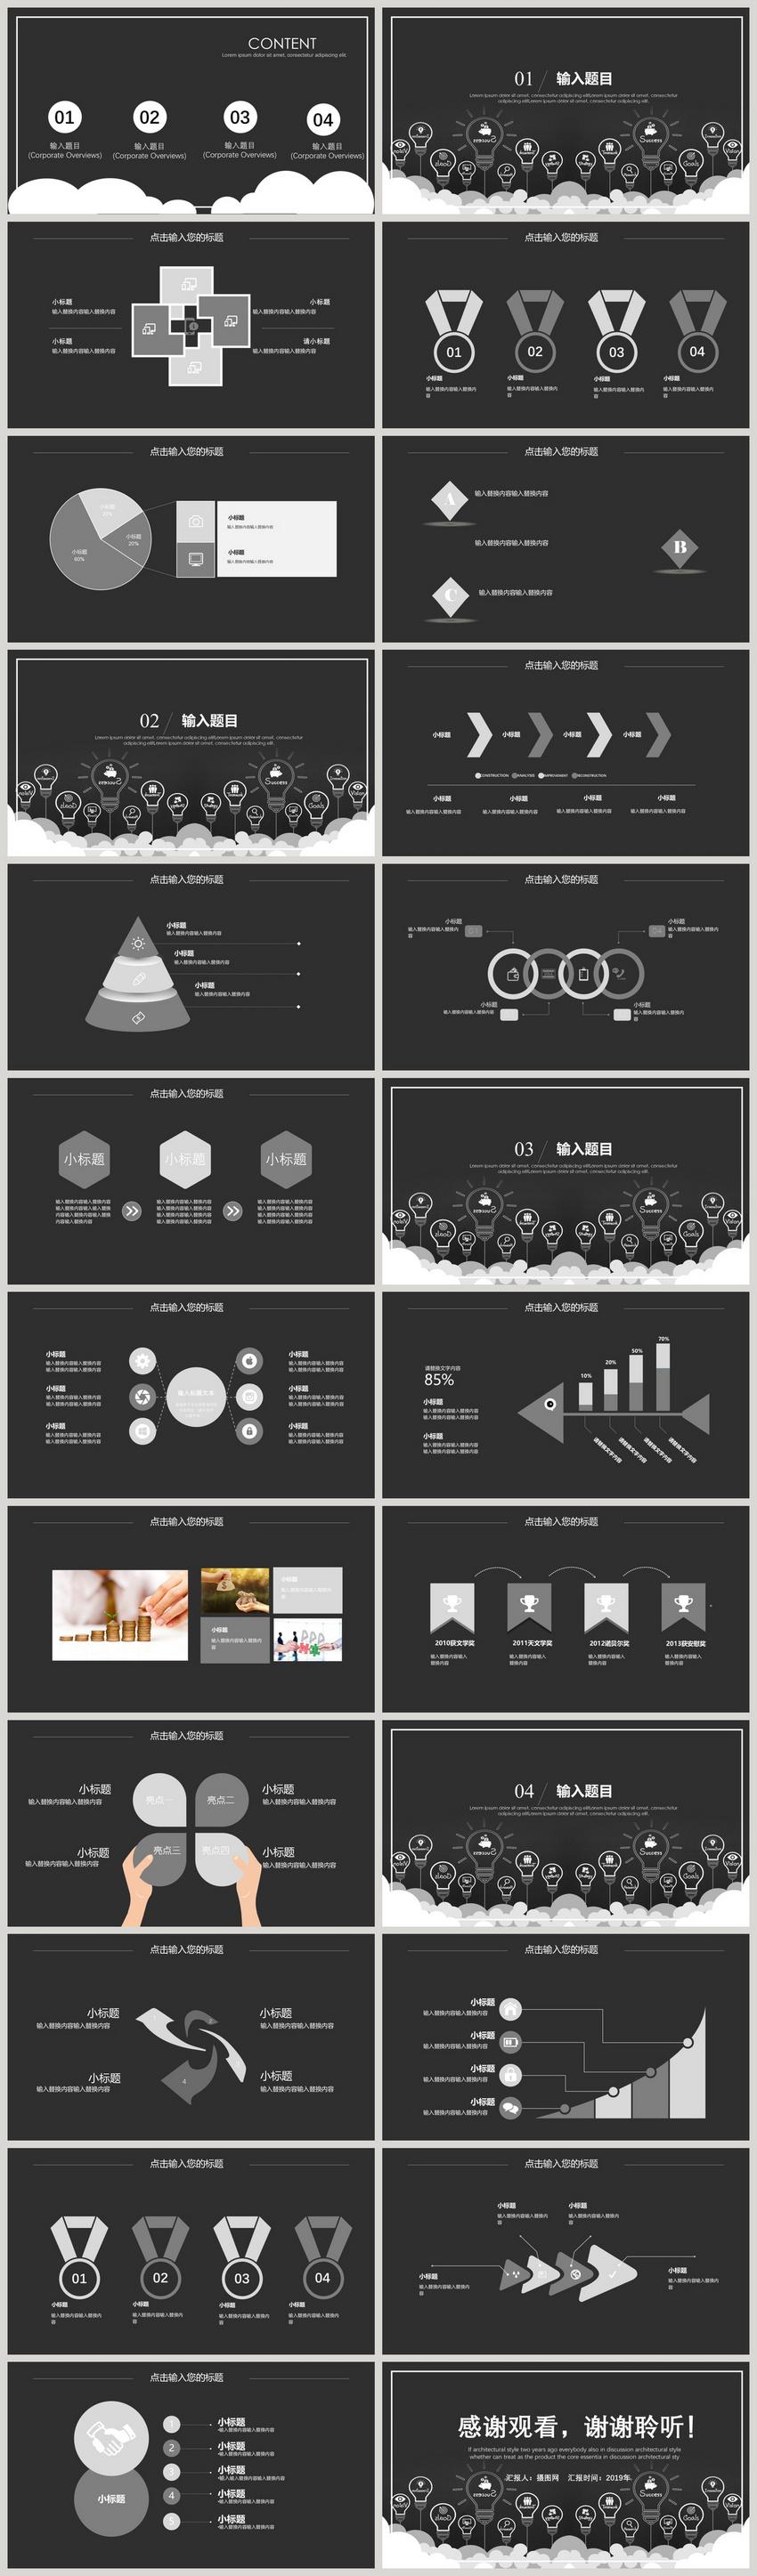 黑色大气团队建设PPT模板图片